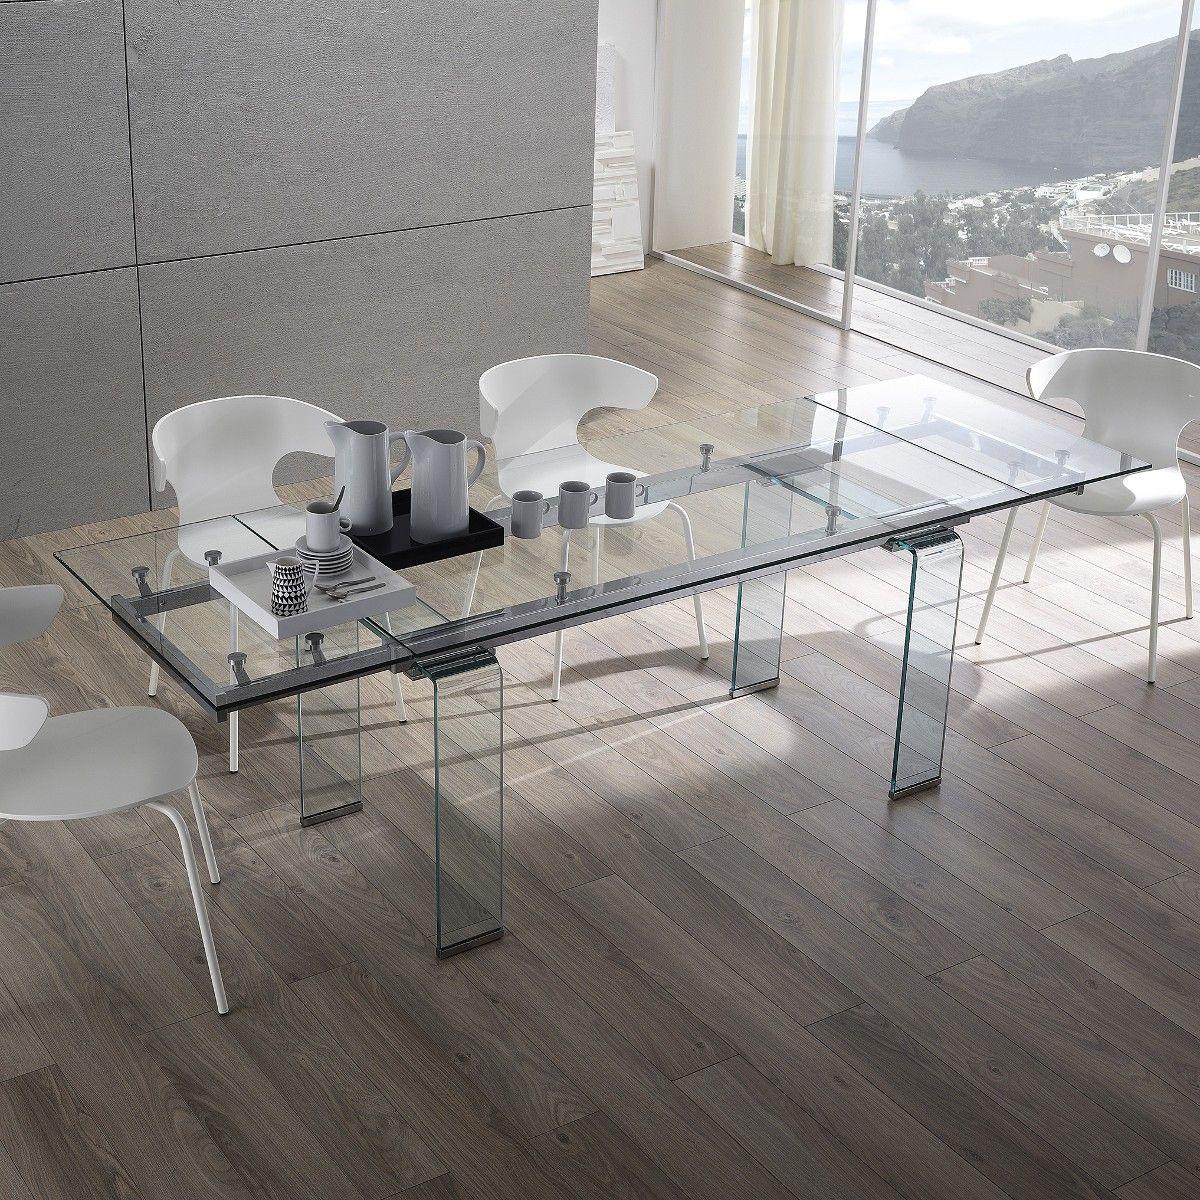 Tavolo Vetro Trasparente Allungabile.Tavolo Evident In Vetro Trasparente Allungabile Fino A 240 Cm